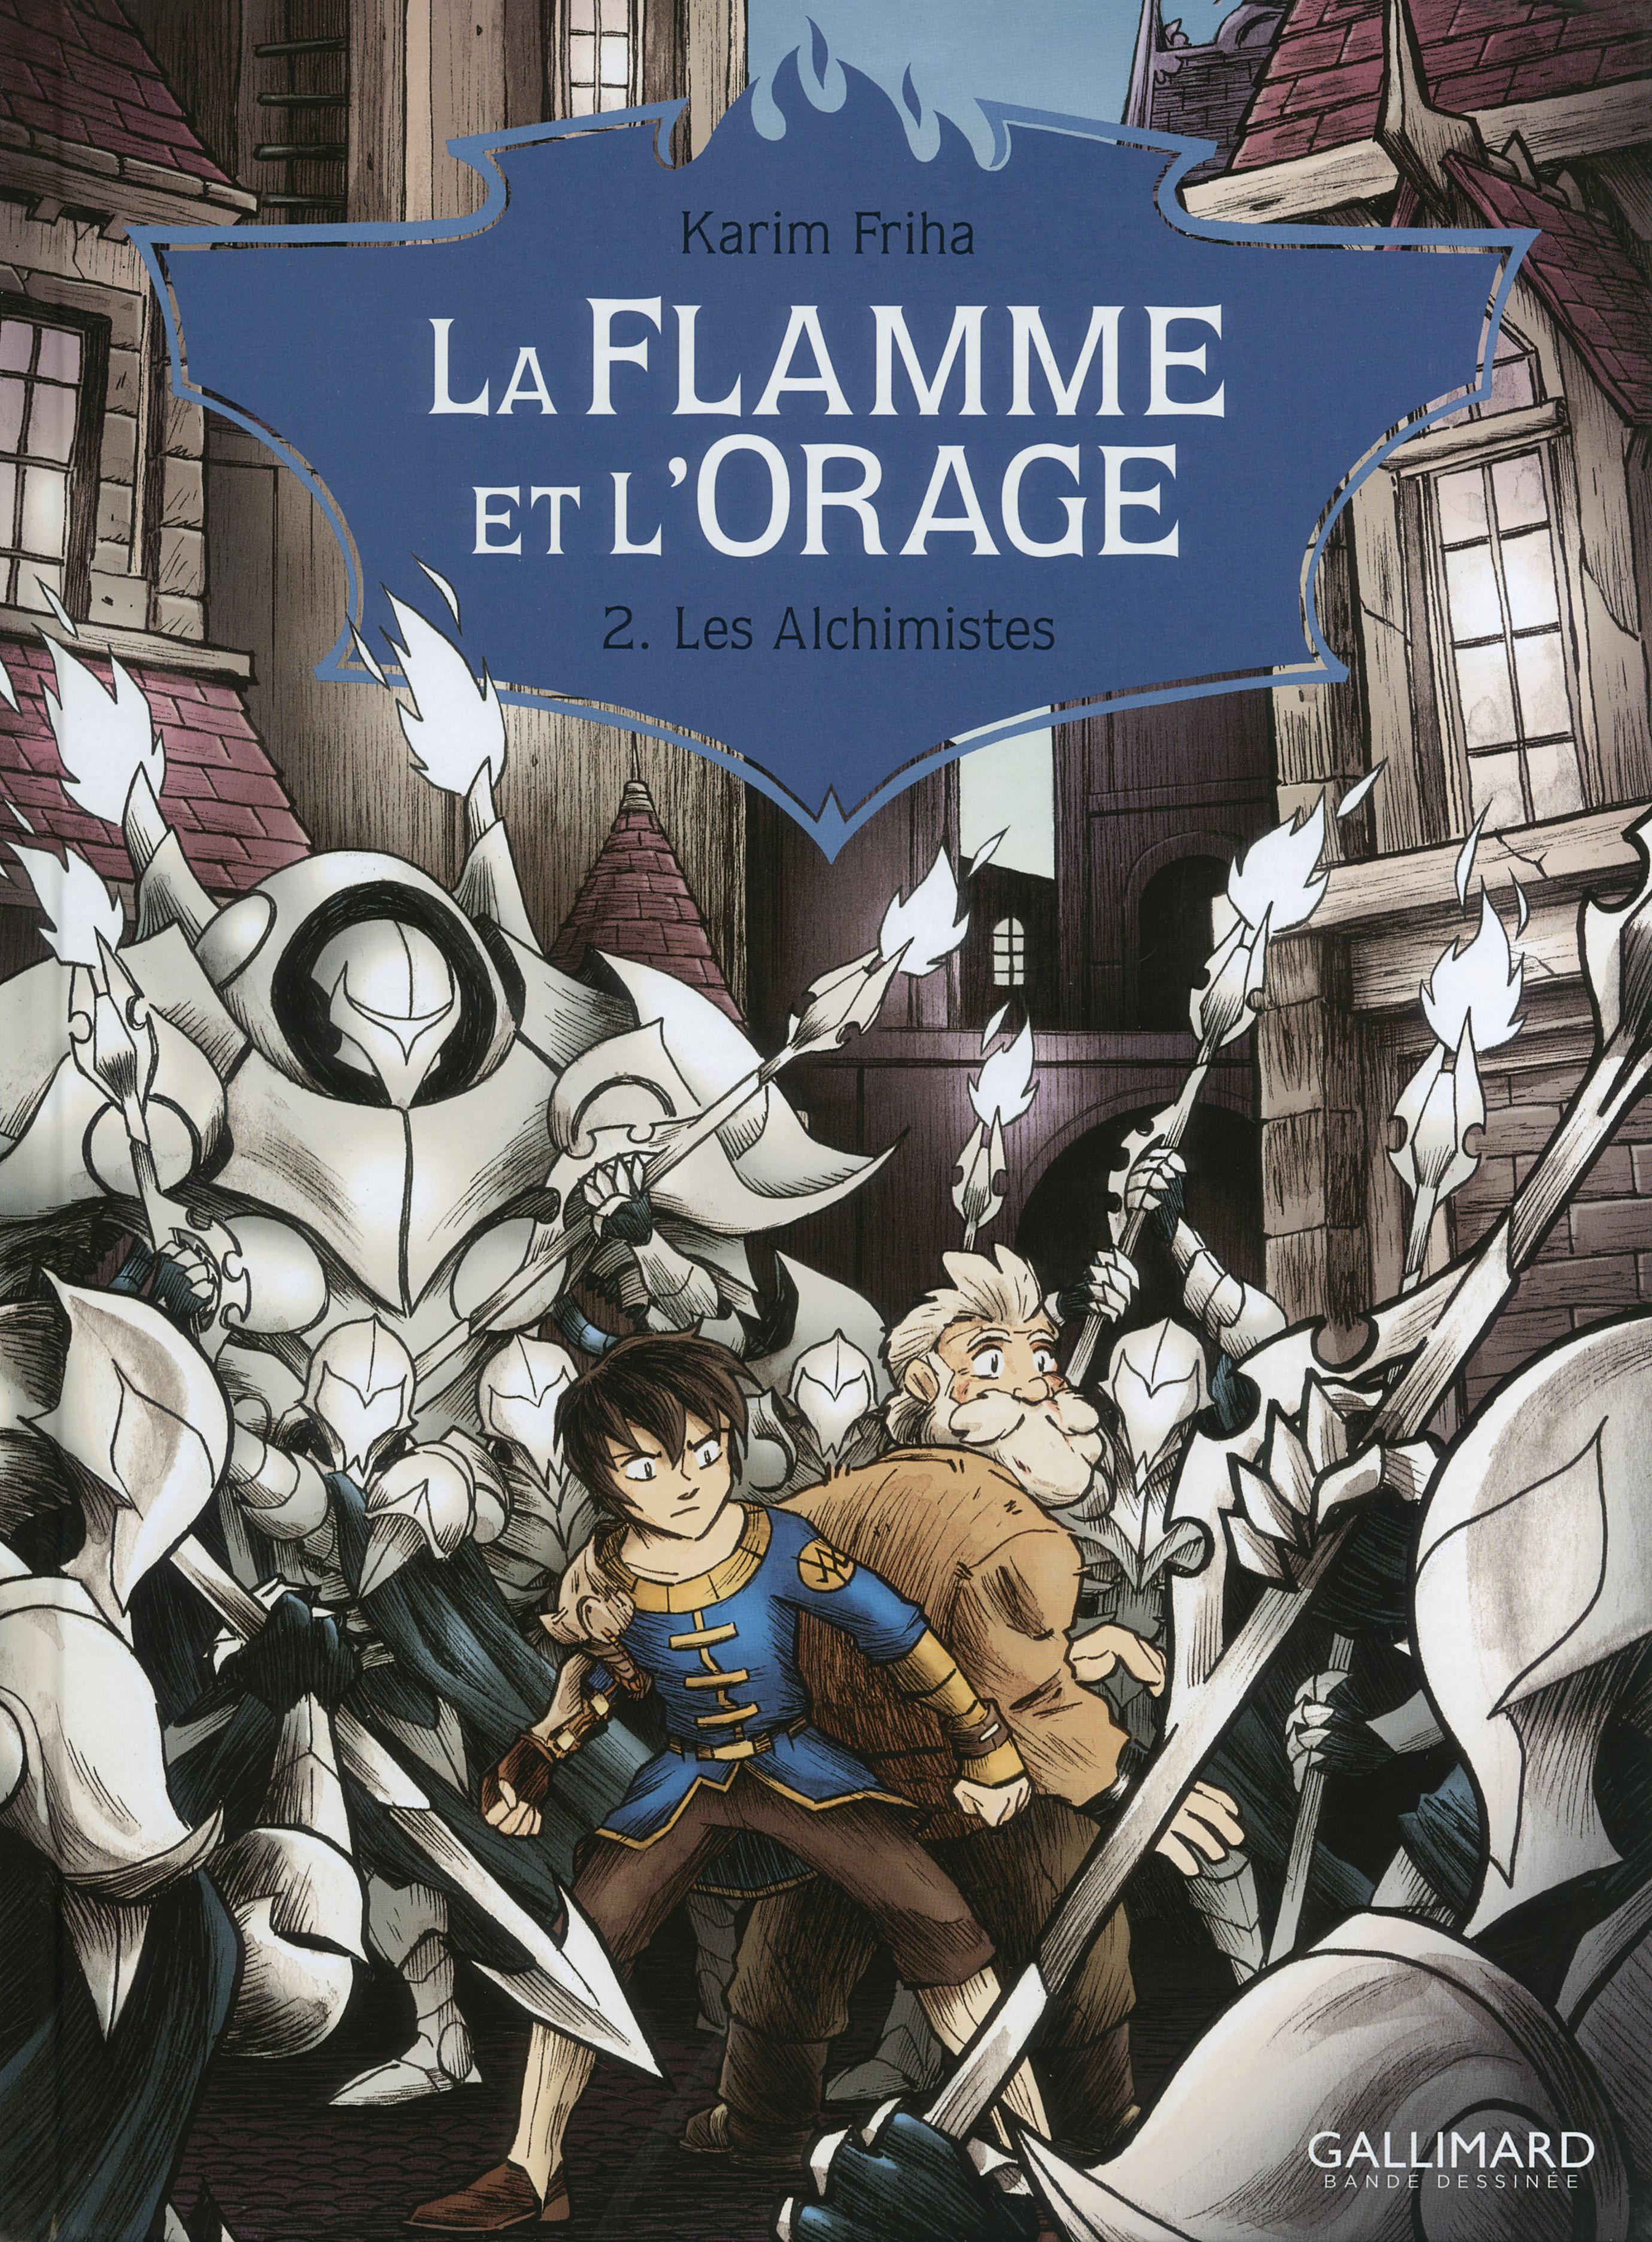 La Flamme et l'Orage (Tome 2) - Les Alchimistes | Friha, Karim